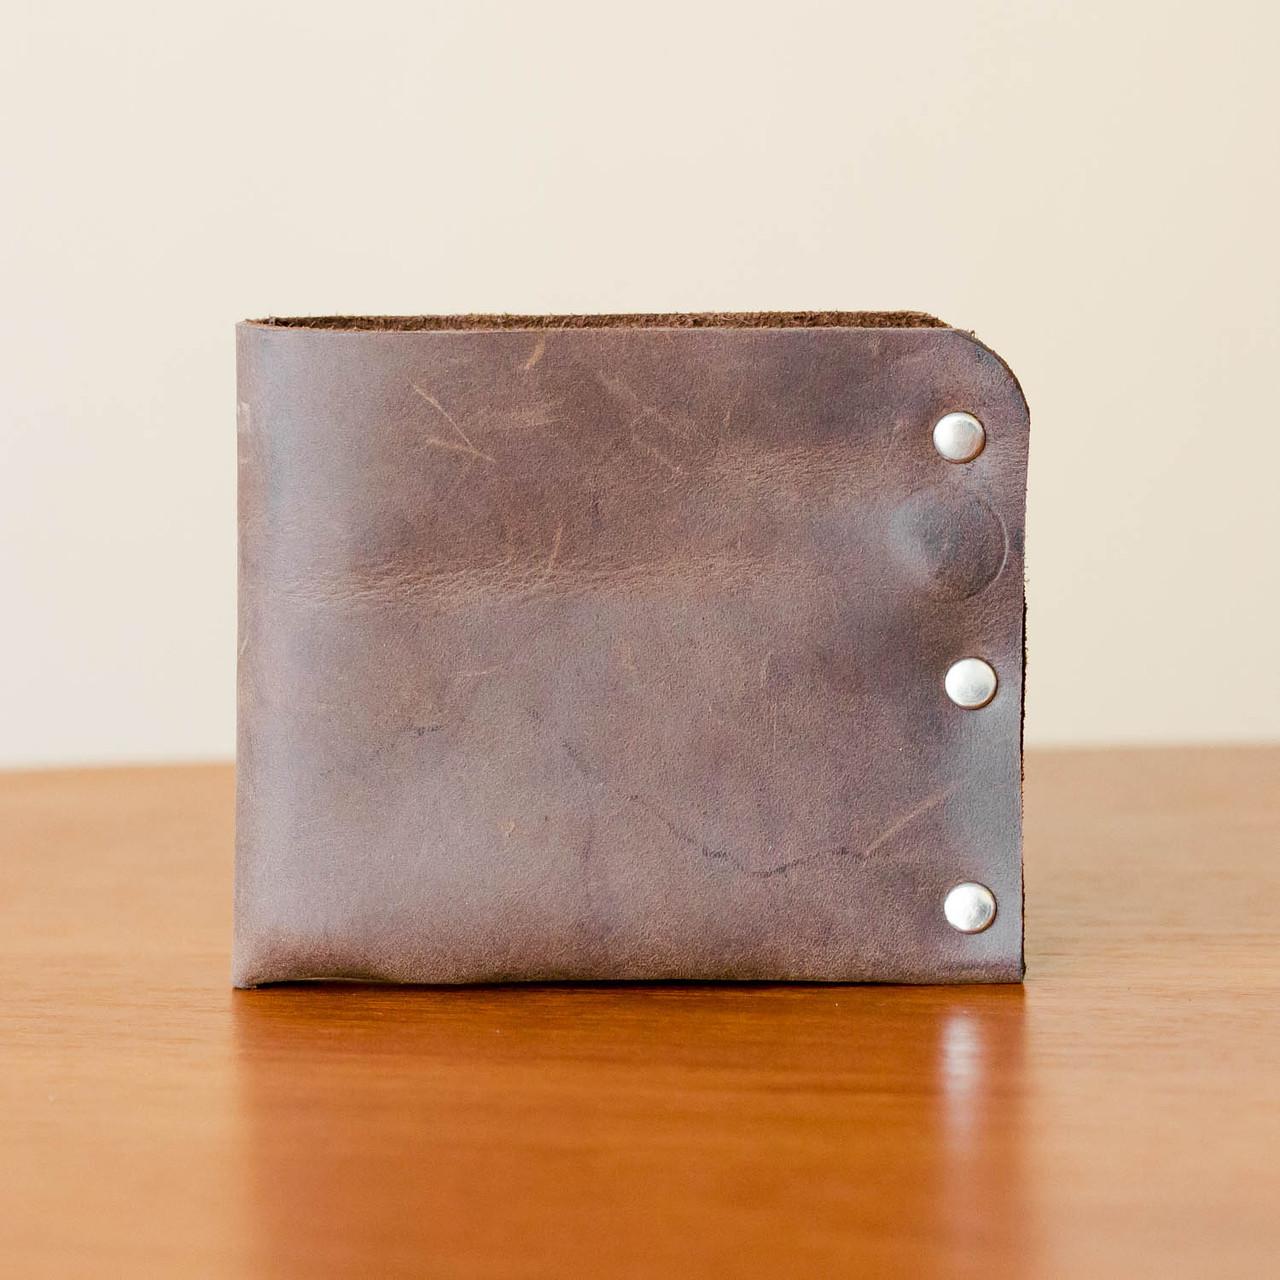 614c063511f9 Мужской кошелек коричневый из натуральной кожи ручной работы Revier для  денег